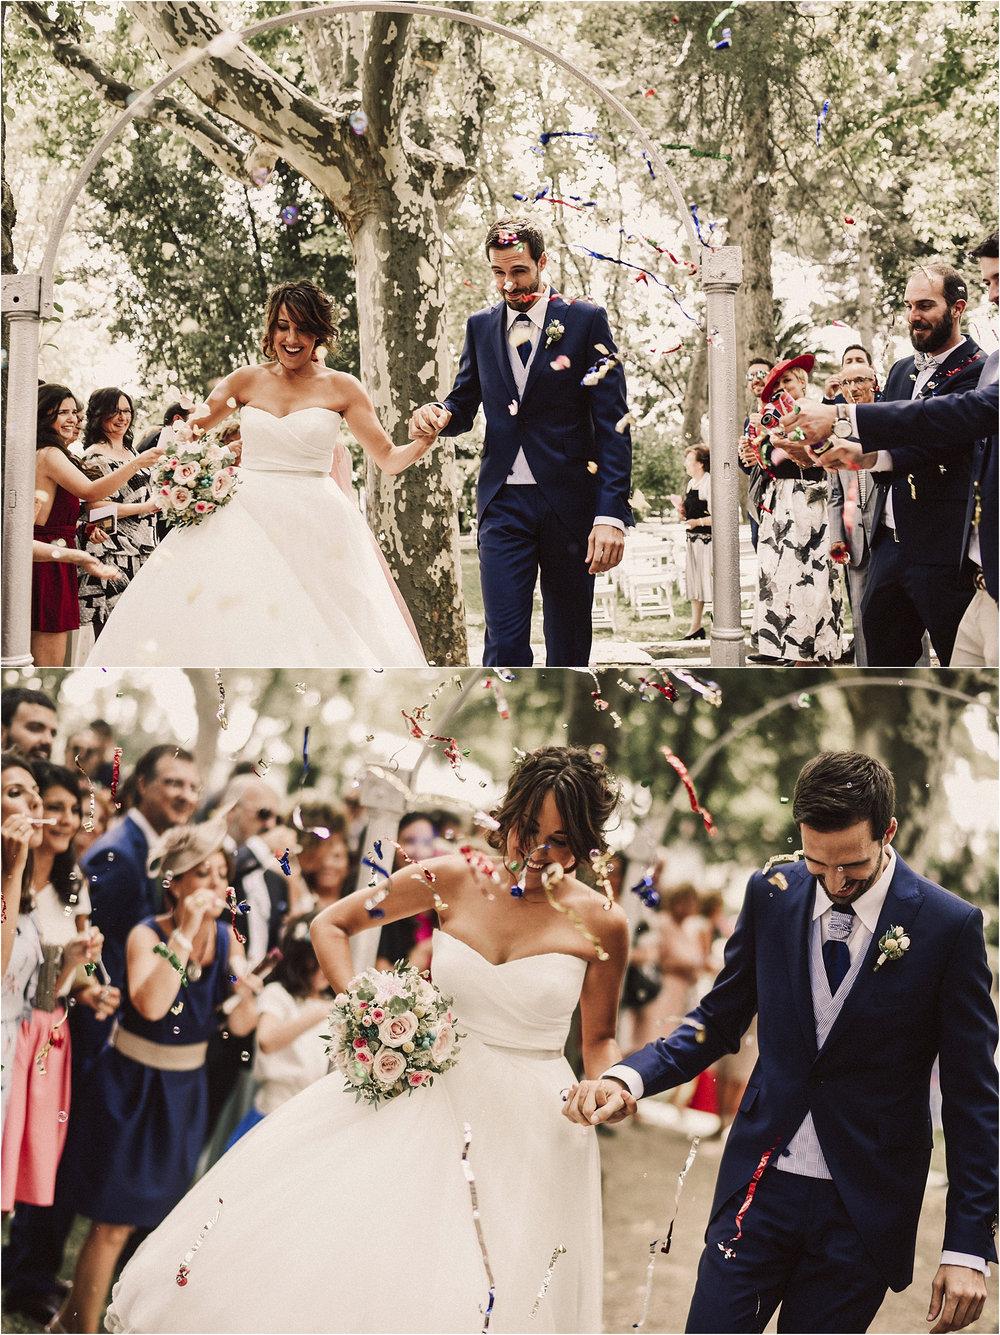 Fotografos-de-boda-donostia-zaragoza-san-sebastian-destination-wedding-photographer-64.jpg